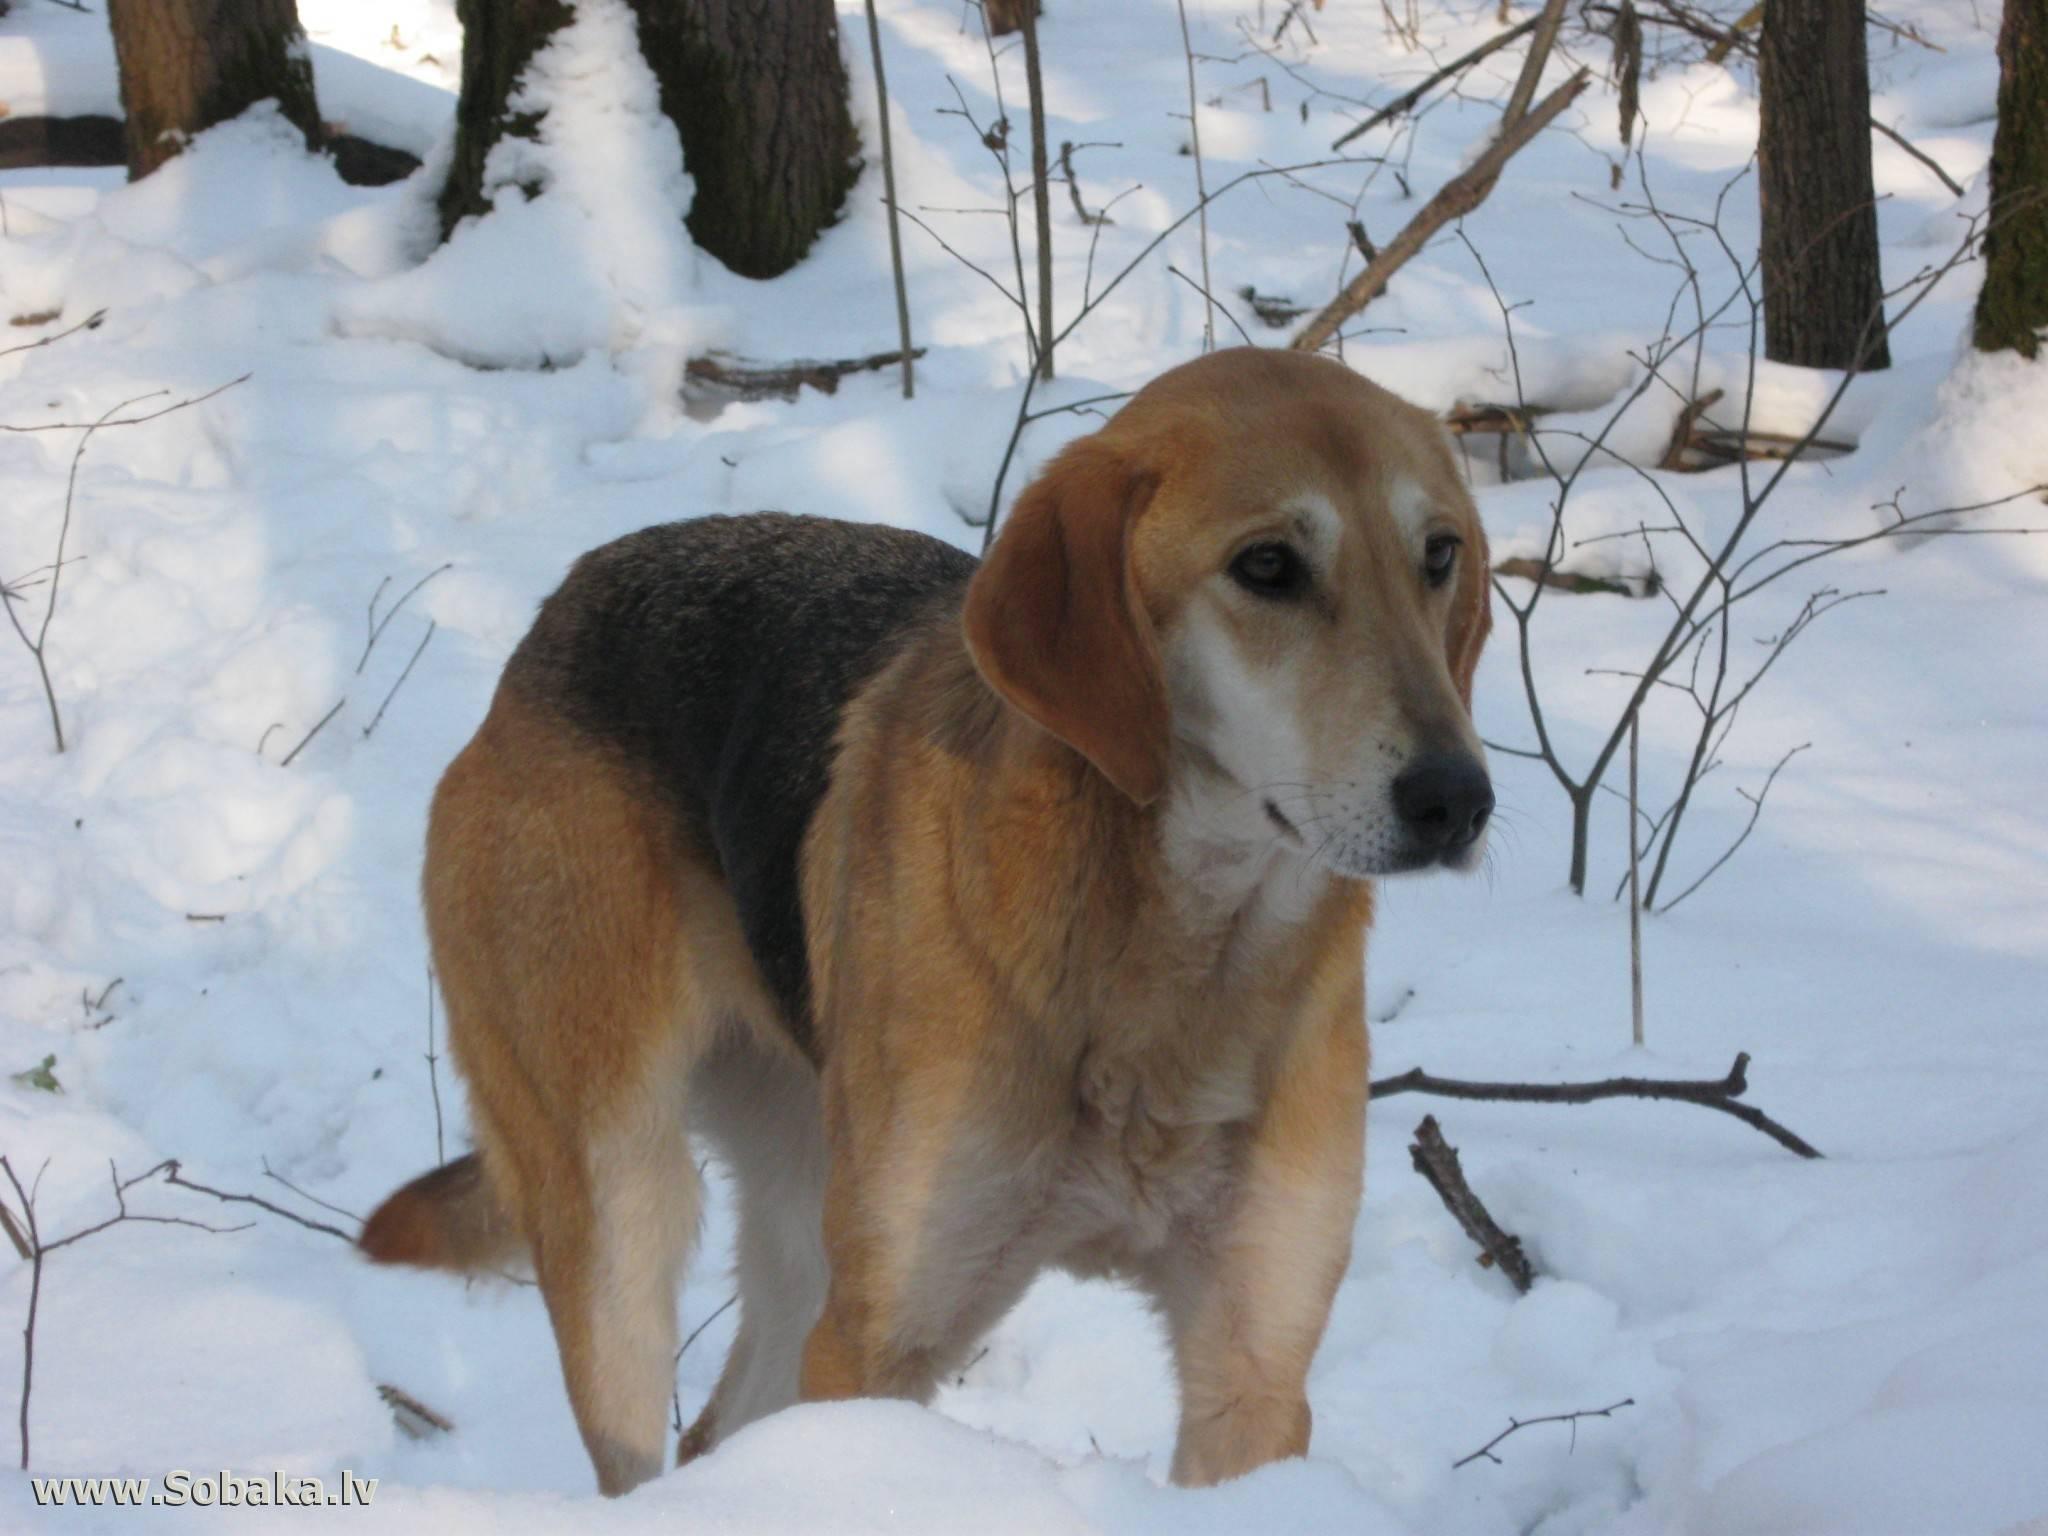 Русская пегая гончая: описание породы, фото, стандарт и характер собаки